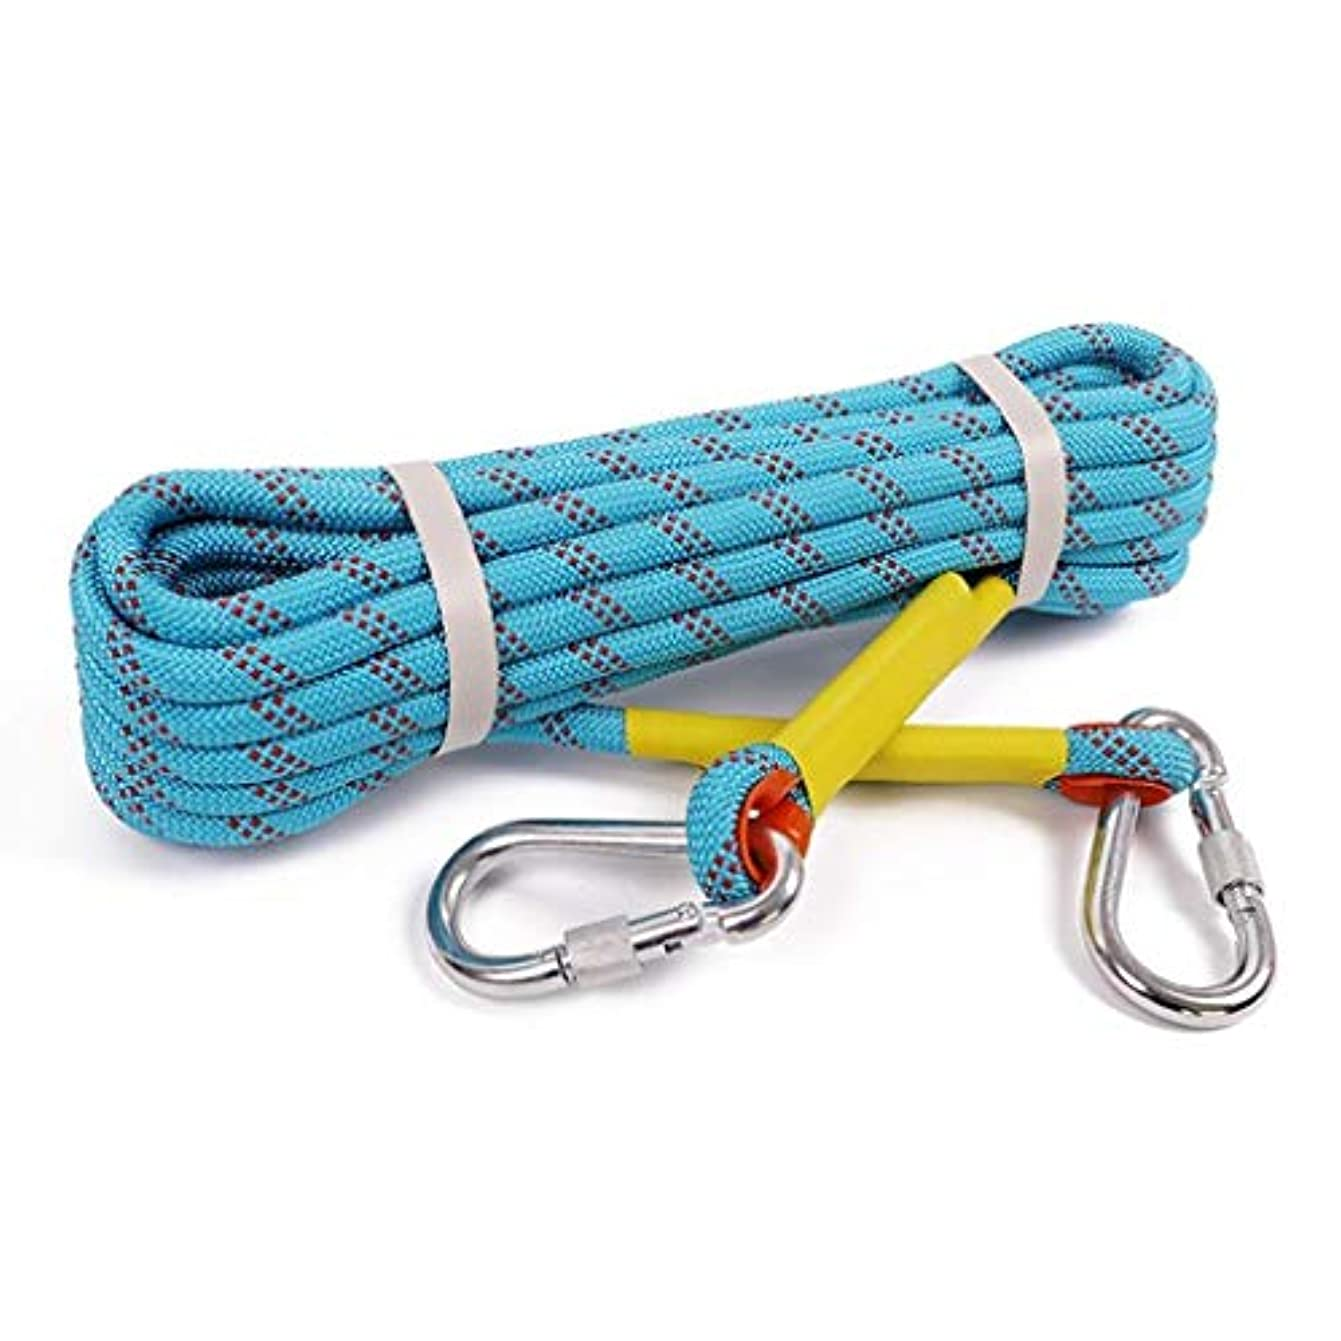 パークおとこラメ登山ロープの家の火の緊急脱出ロープ、ハイキングの洞窟探検のキャンプの救助調査および工学保護のための多機能のコードの安全ロープ。 (Color : 青, Size : 10m*8mm)